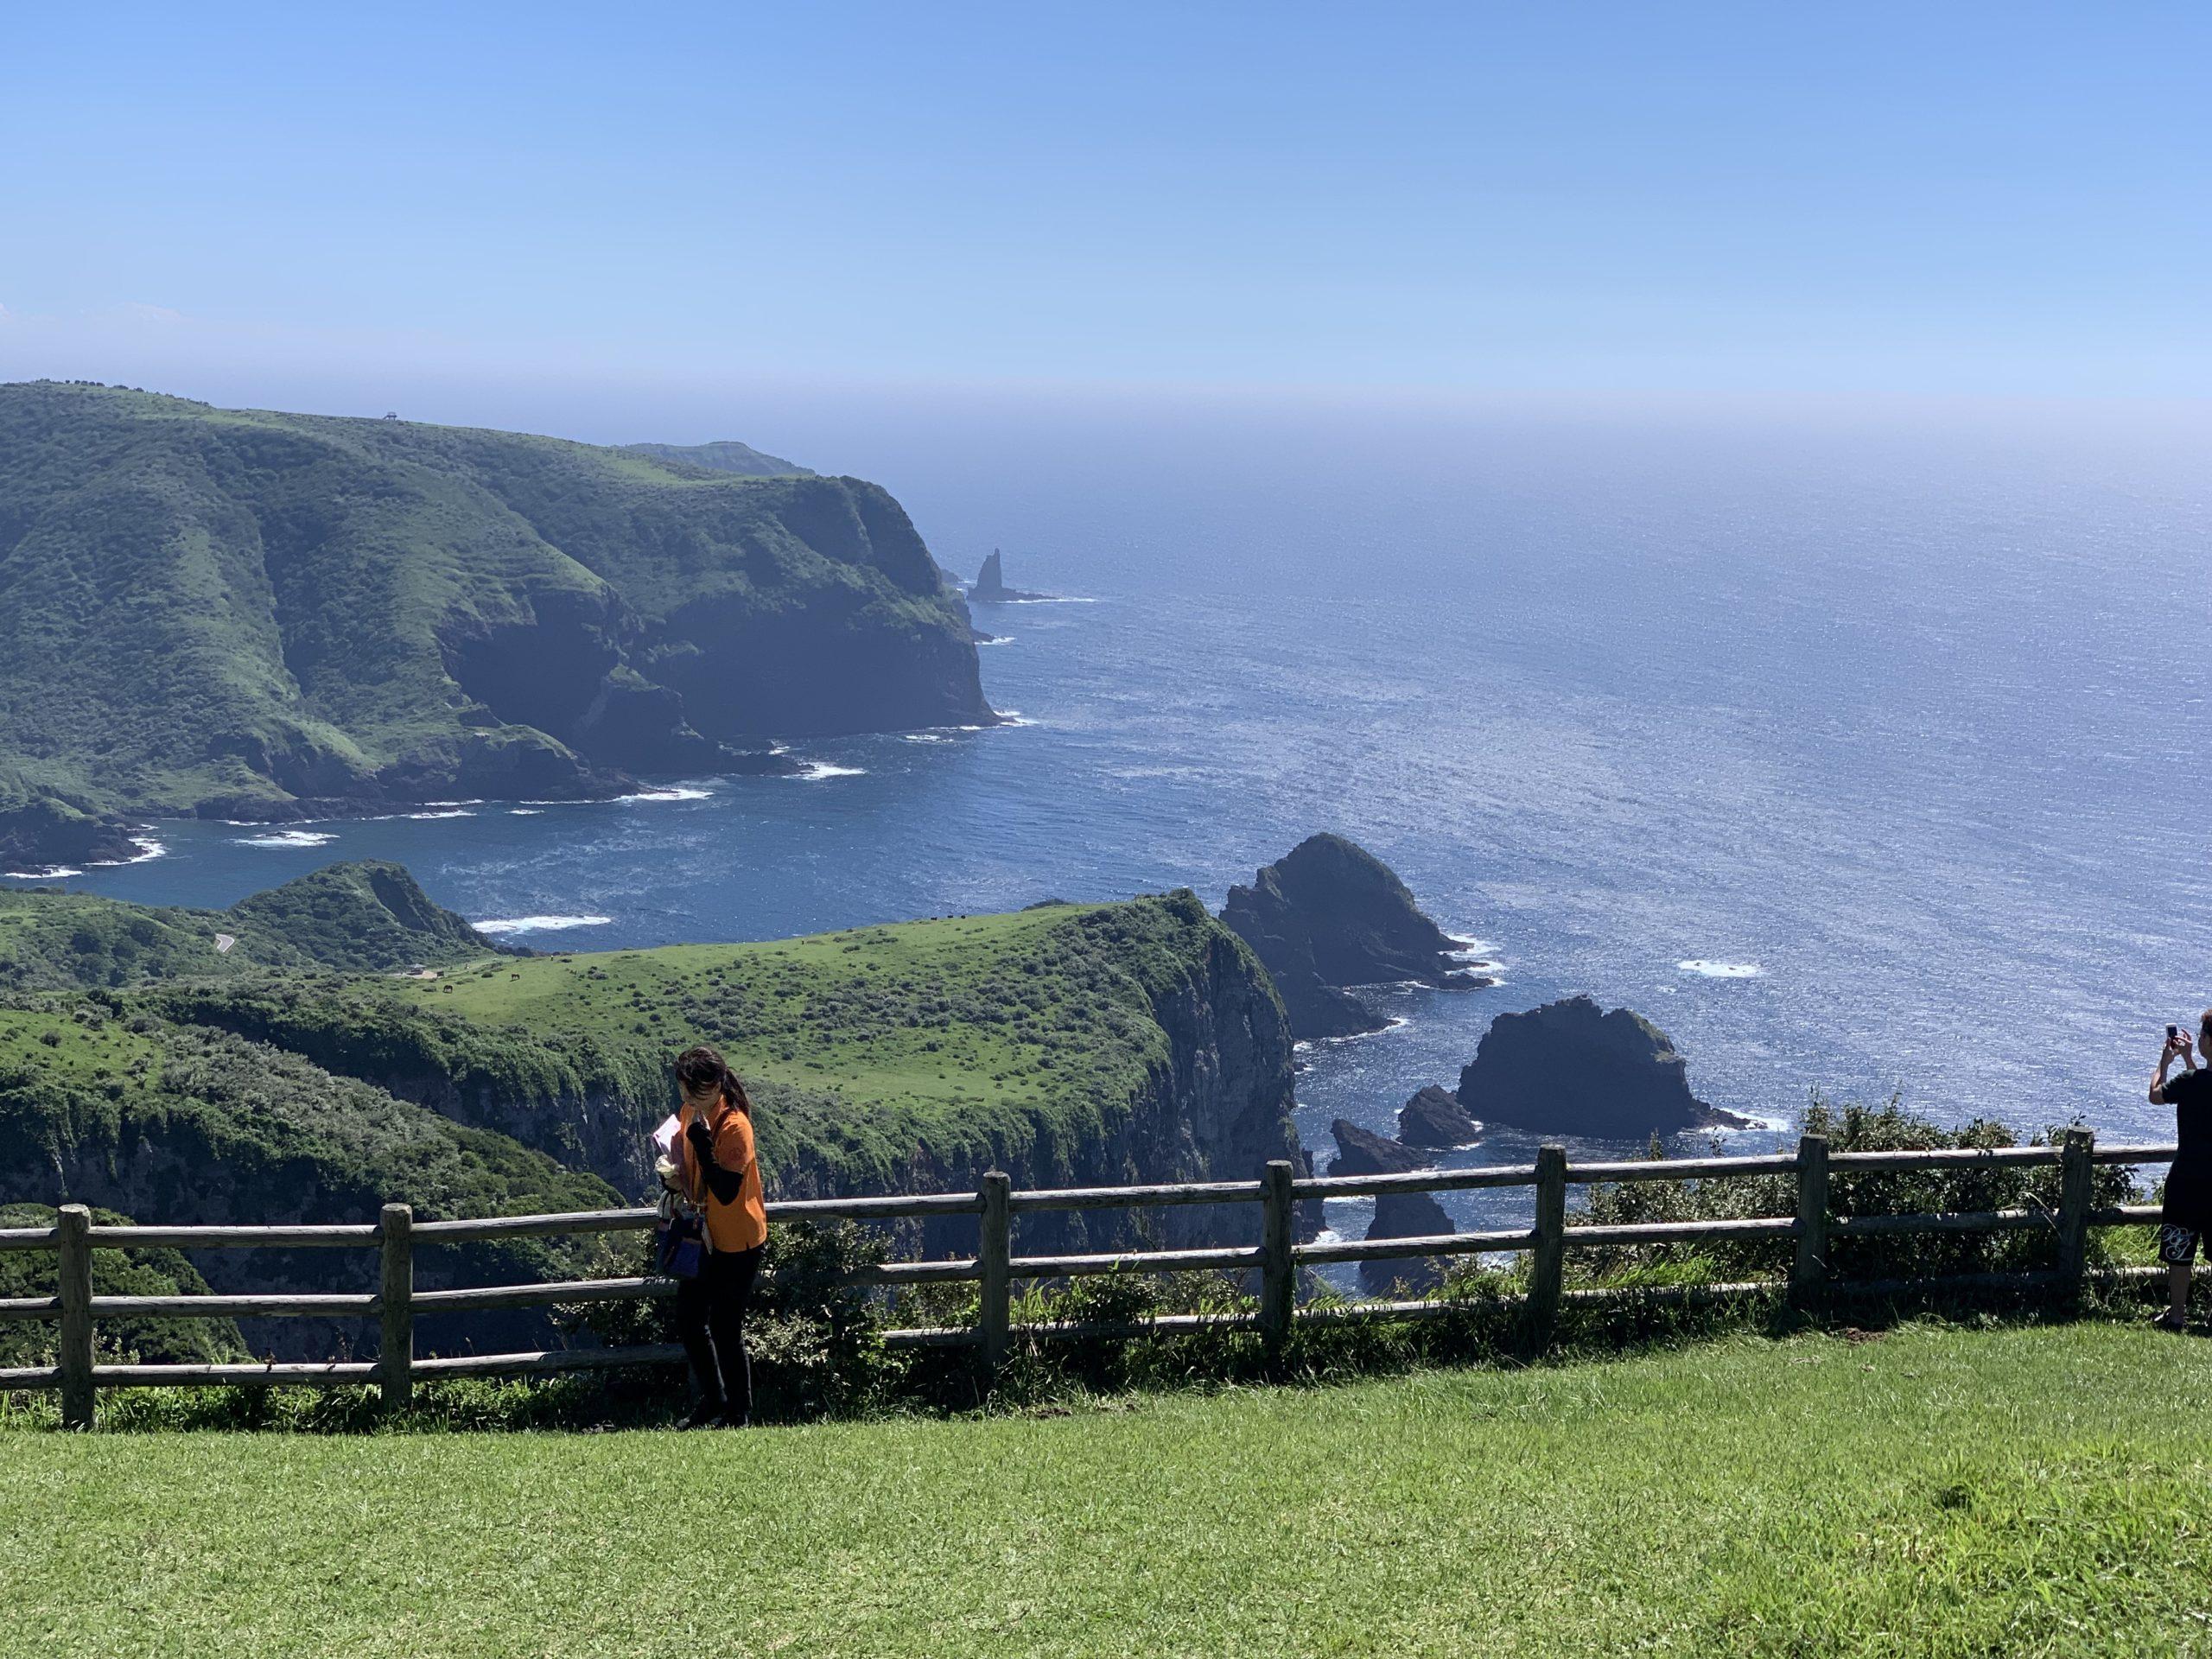 隠岐の島摩天崖から赤尾展望所